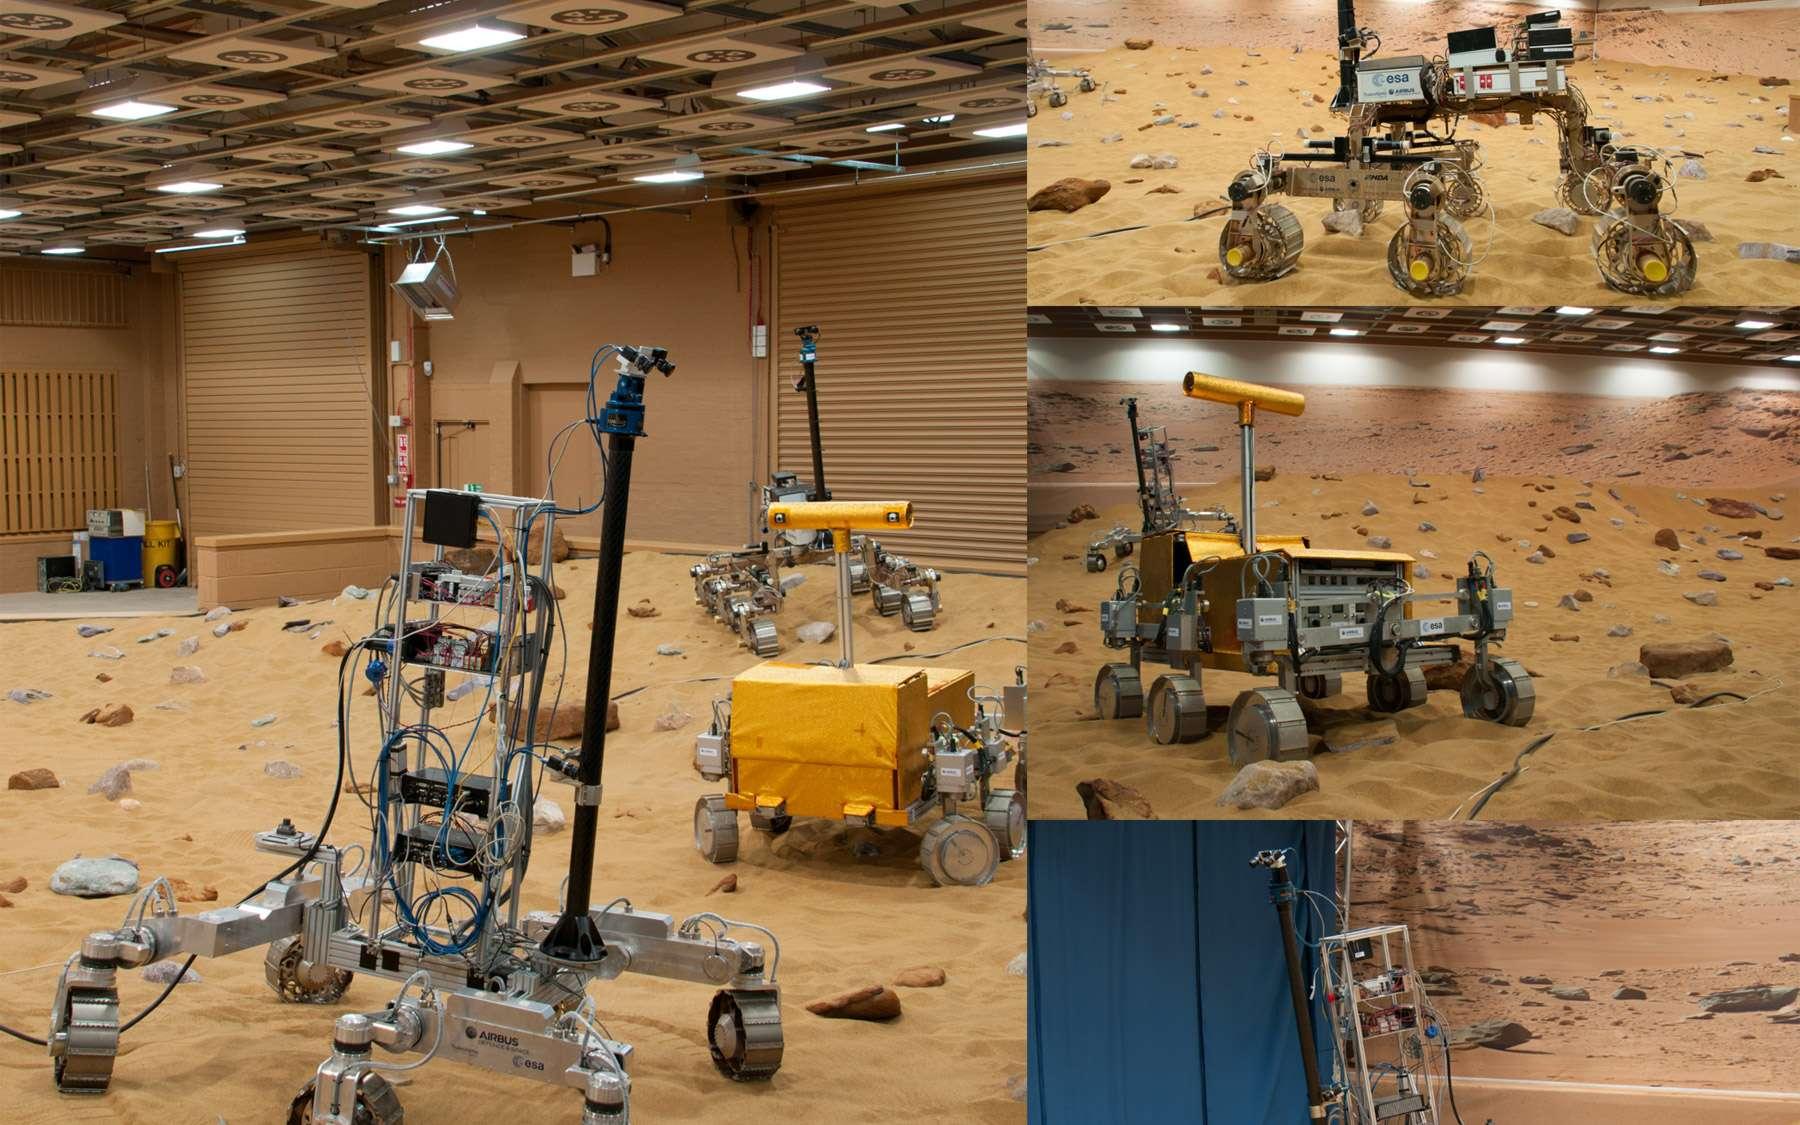 À droite, les trois concepts de d'Airbus Espace qui préparent la réalisation du futur rover de la mission ExoMars 2018. Bruno est en haut, Bridget au centre (aux prises avec un caillou qu'il franchira aisément) et Bryan en bas, ainsi que sur la vue de gauche. © Rémy Decourt